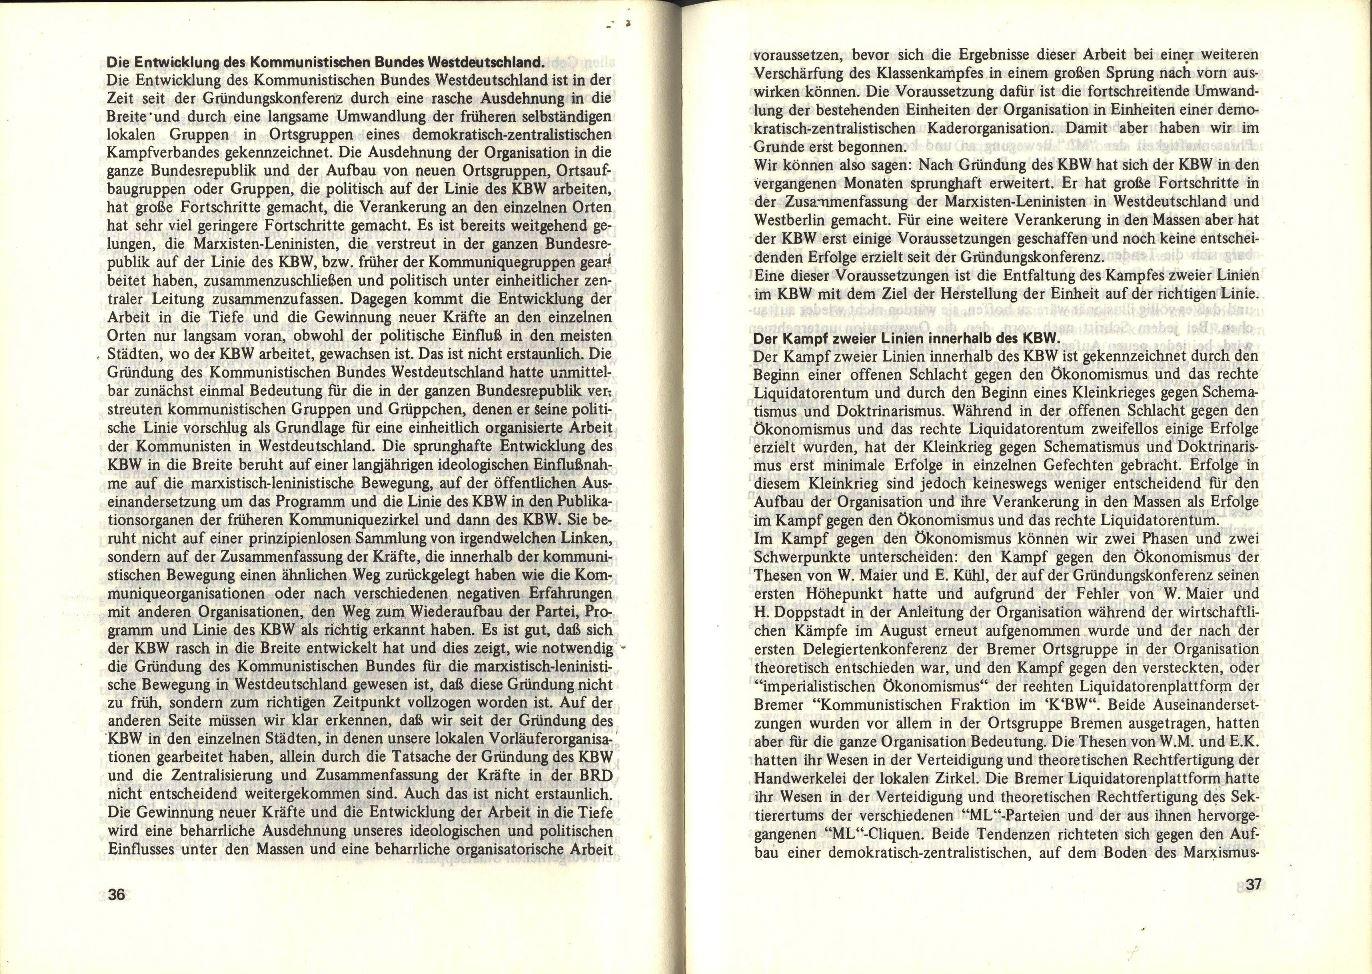 KBW_1974_Politischer_Bericht020